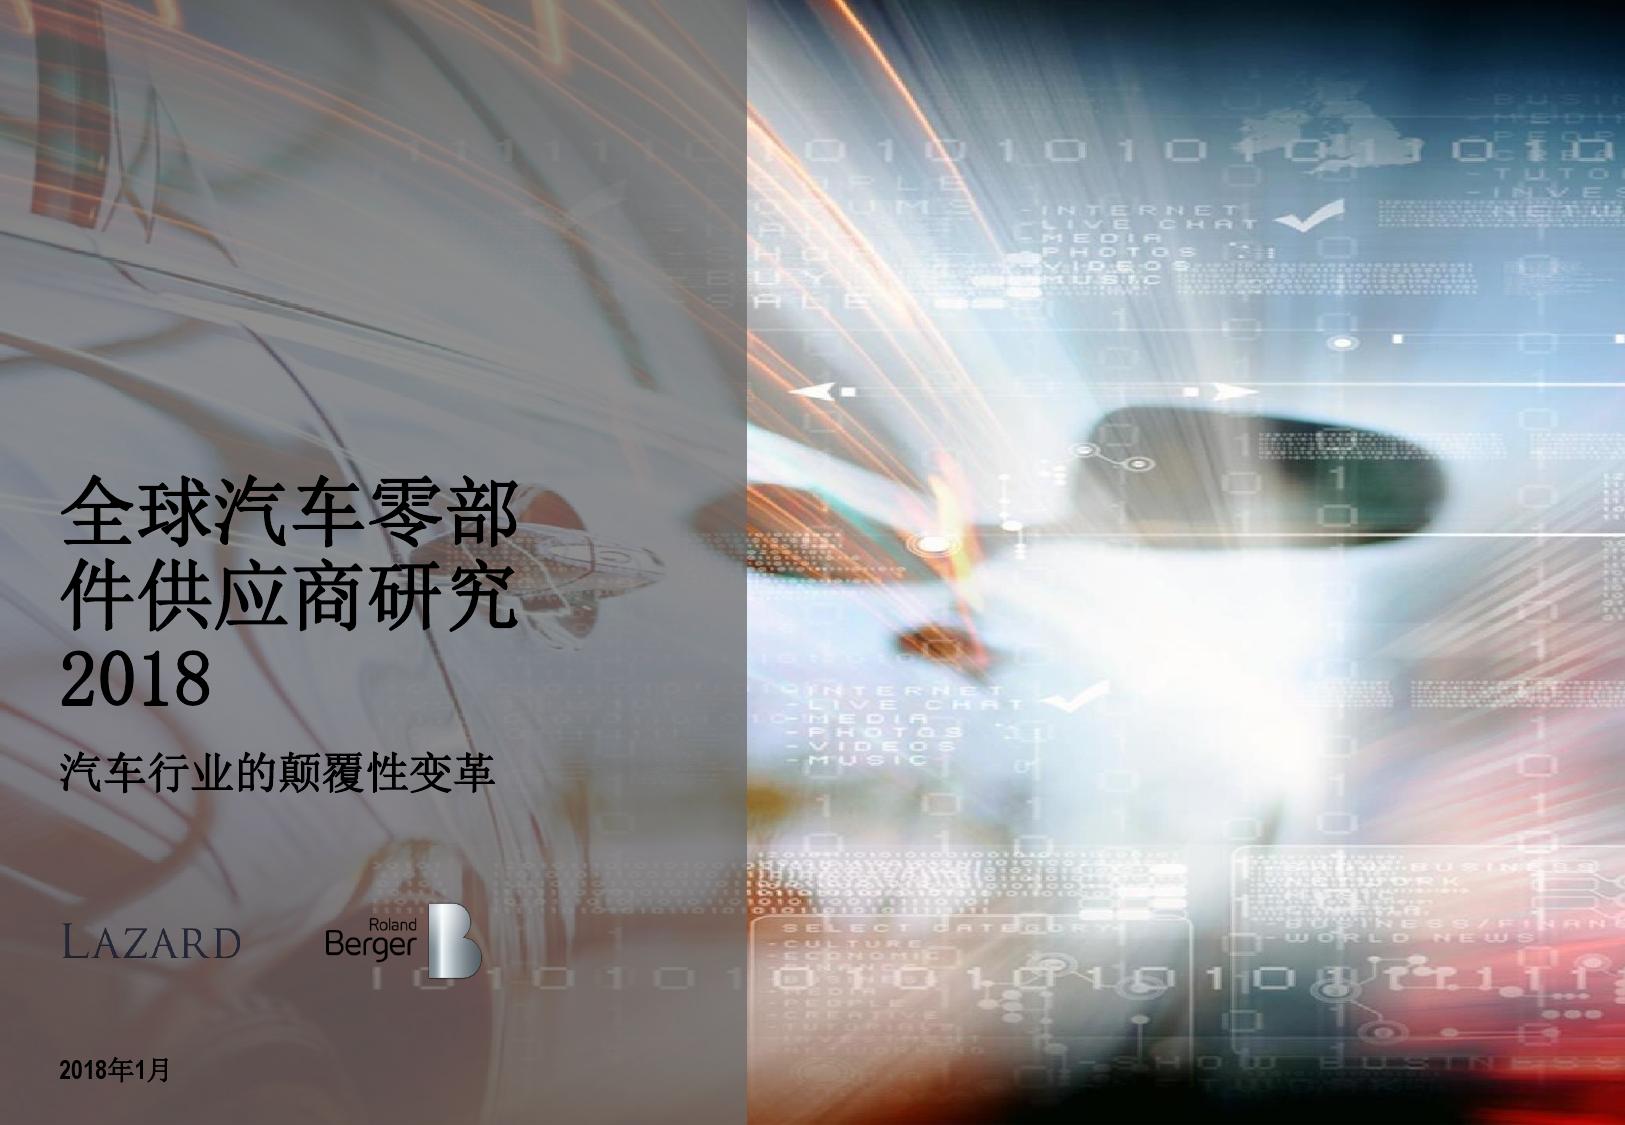 罗兰贝格:2018全球汽车零部件供应商研究报告